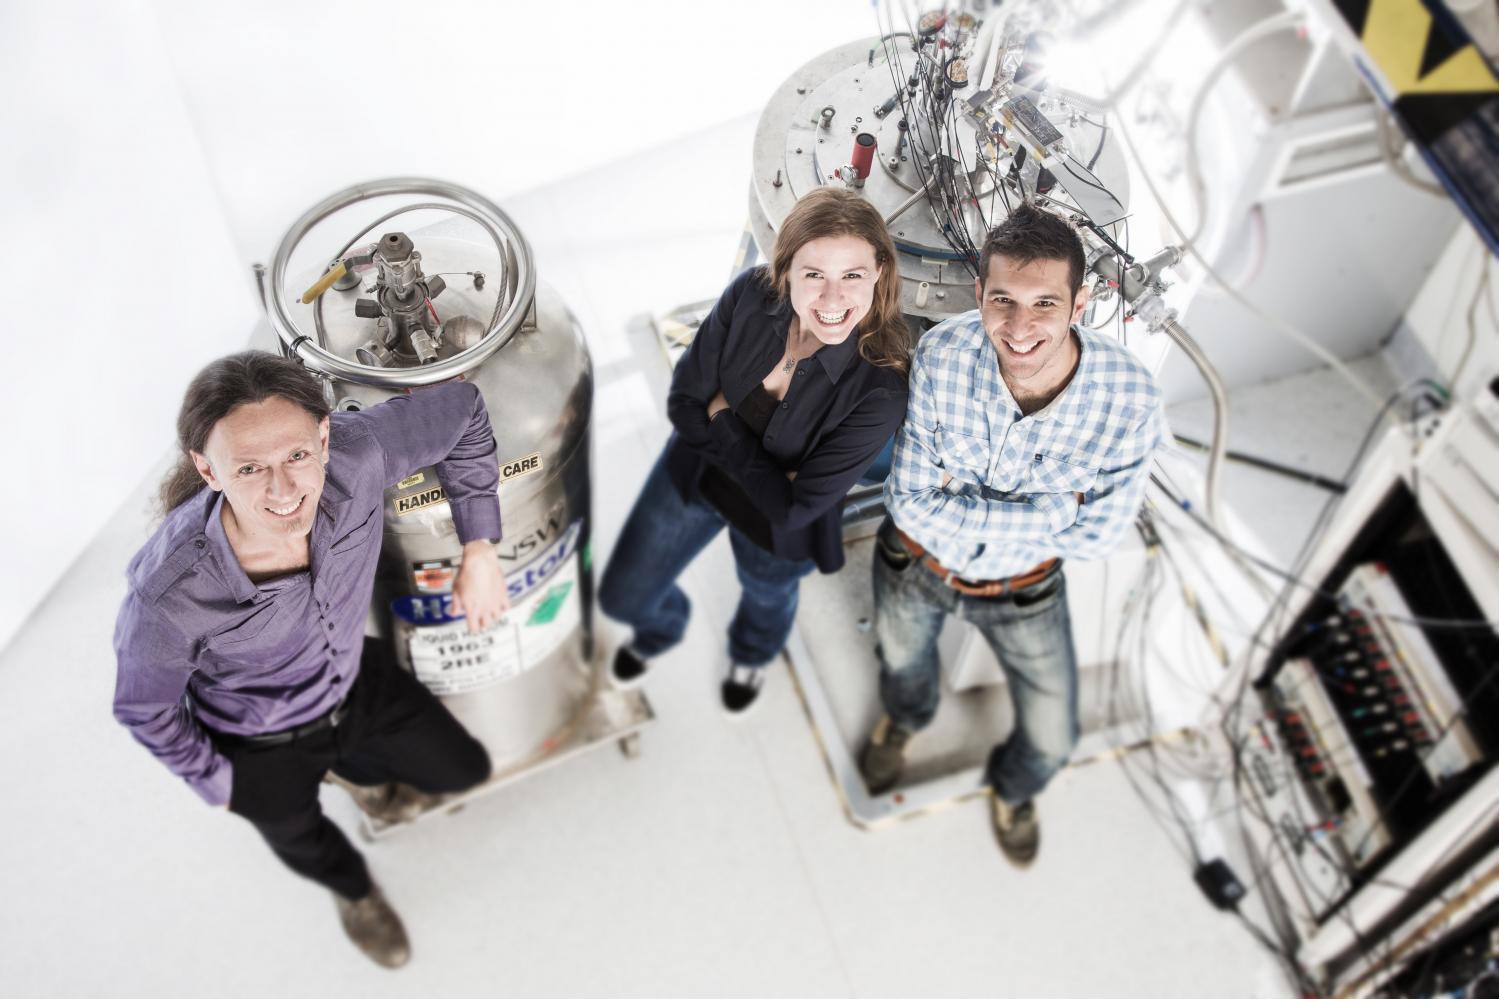 O líder do projeto Andrea Morello (à esquerda) com autores importantes Stephanie Simmons (meio) e Juan Pablo Dehollain (à direita) no laboratório na UNSW onde foram realizados os experimentos. Créditos: Paul Henderson-Kelly / UNSW